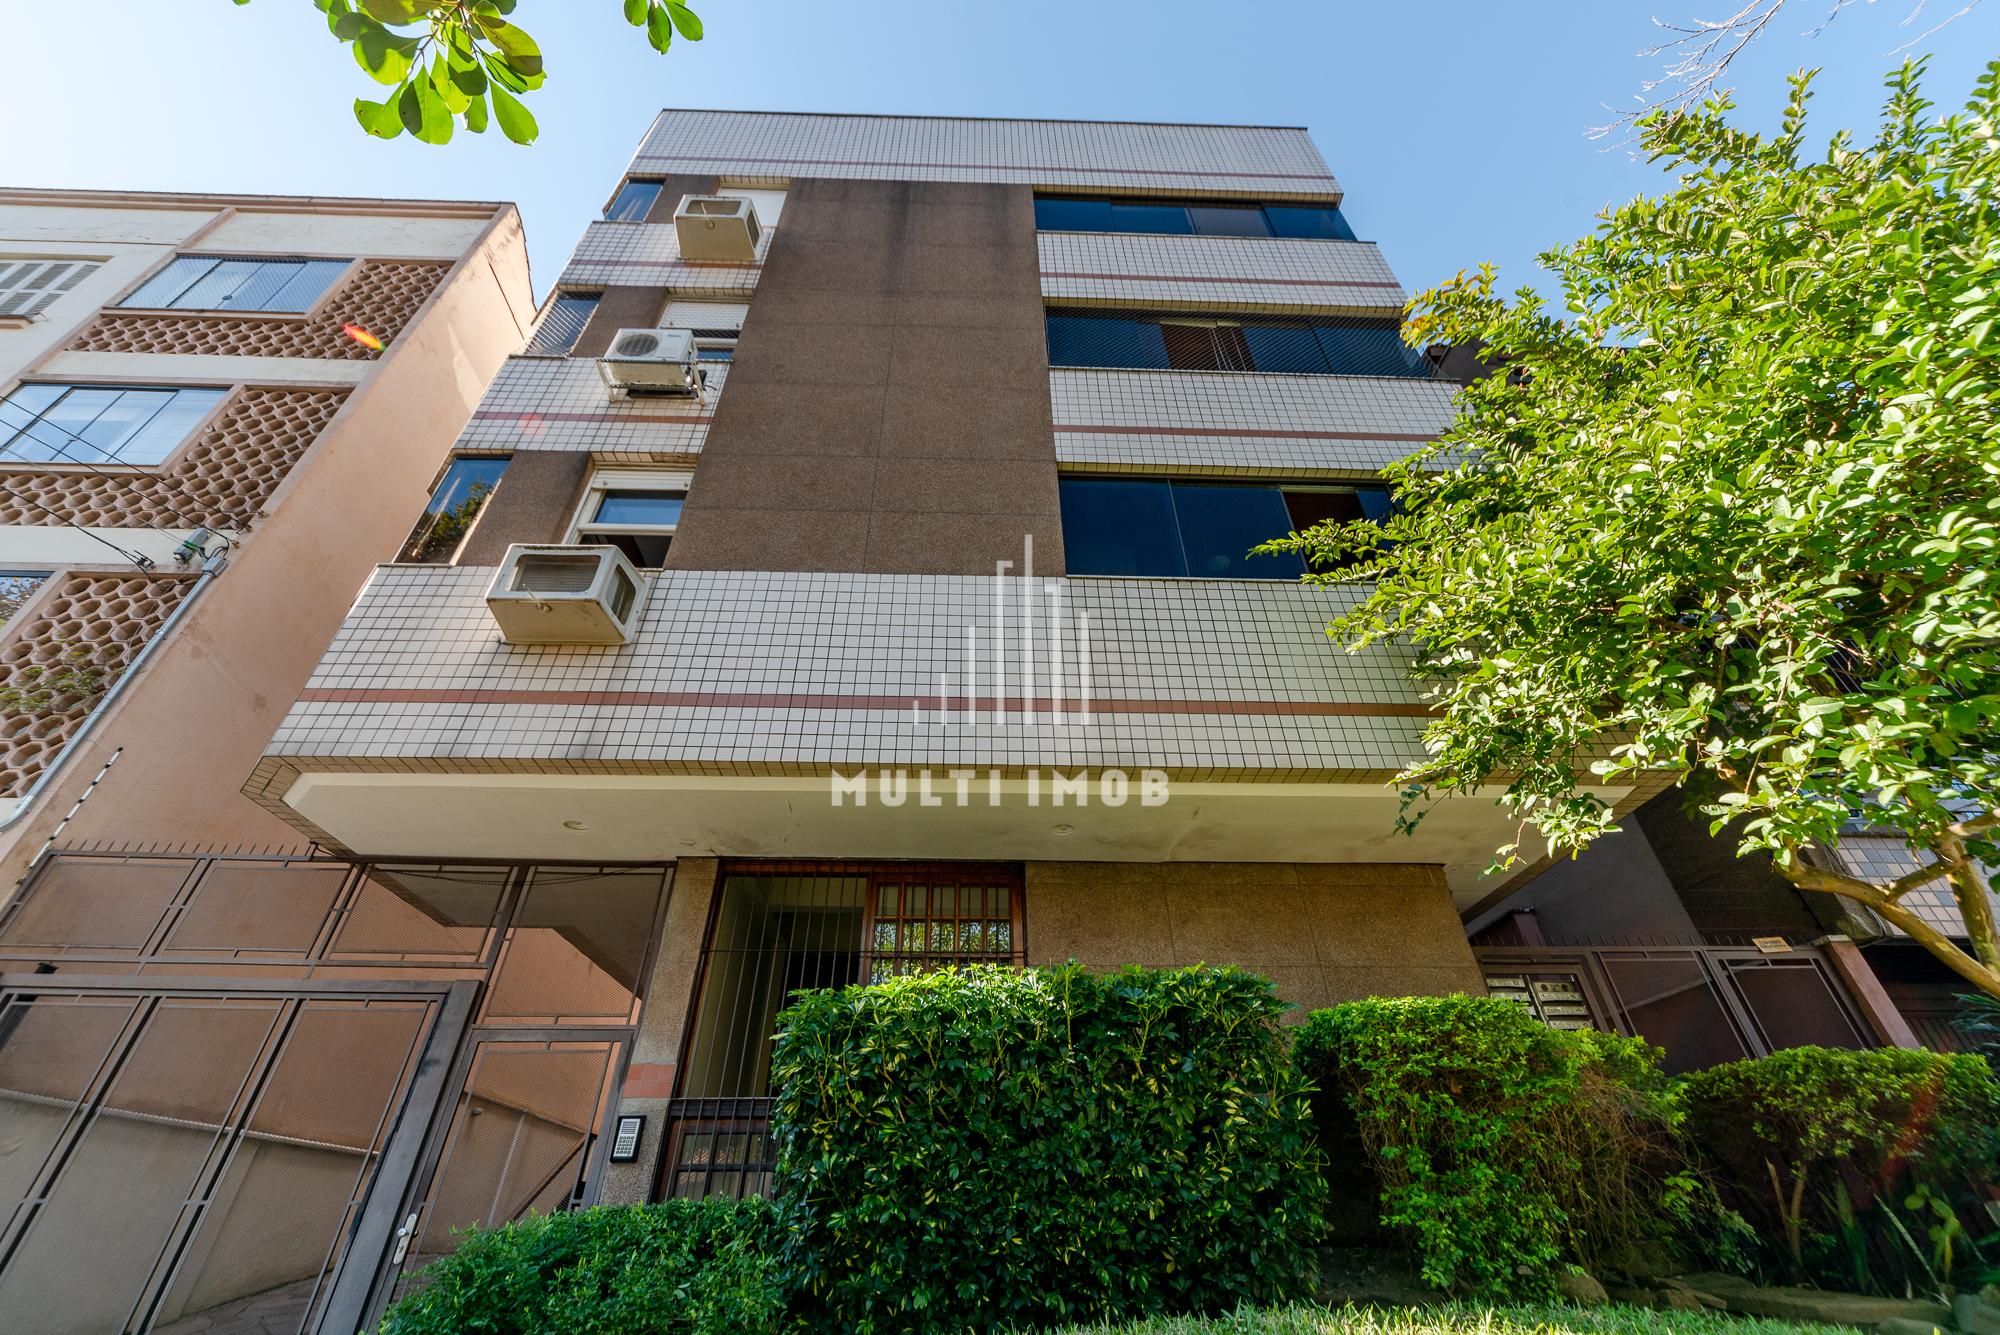 Cobertura com 158m² e 2 dormitórios no bairro São João em Porto Alegre para Comprar